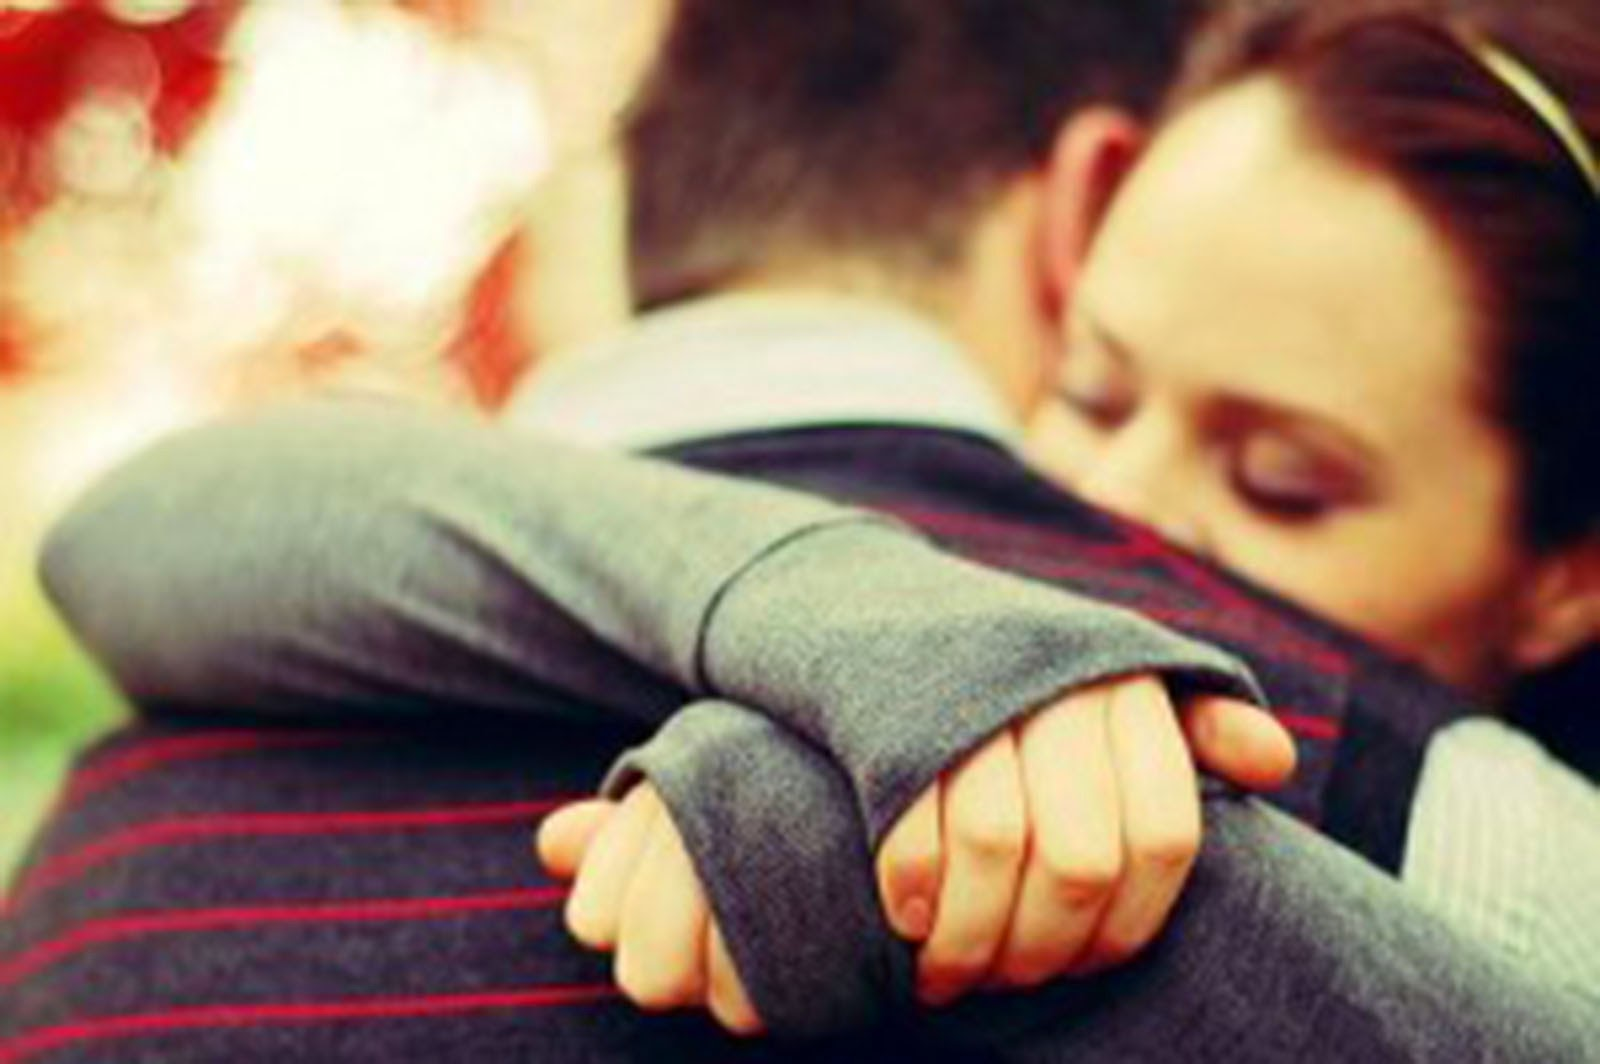 perdoar 5 pessoas que você precisa perdoar antes do fim do ano - 2 - 5 pessoas que você precisa perdoar antes do fim do ano